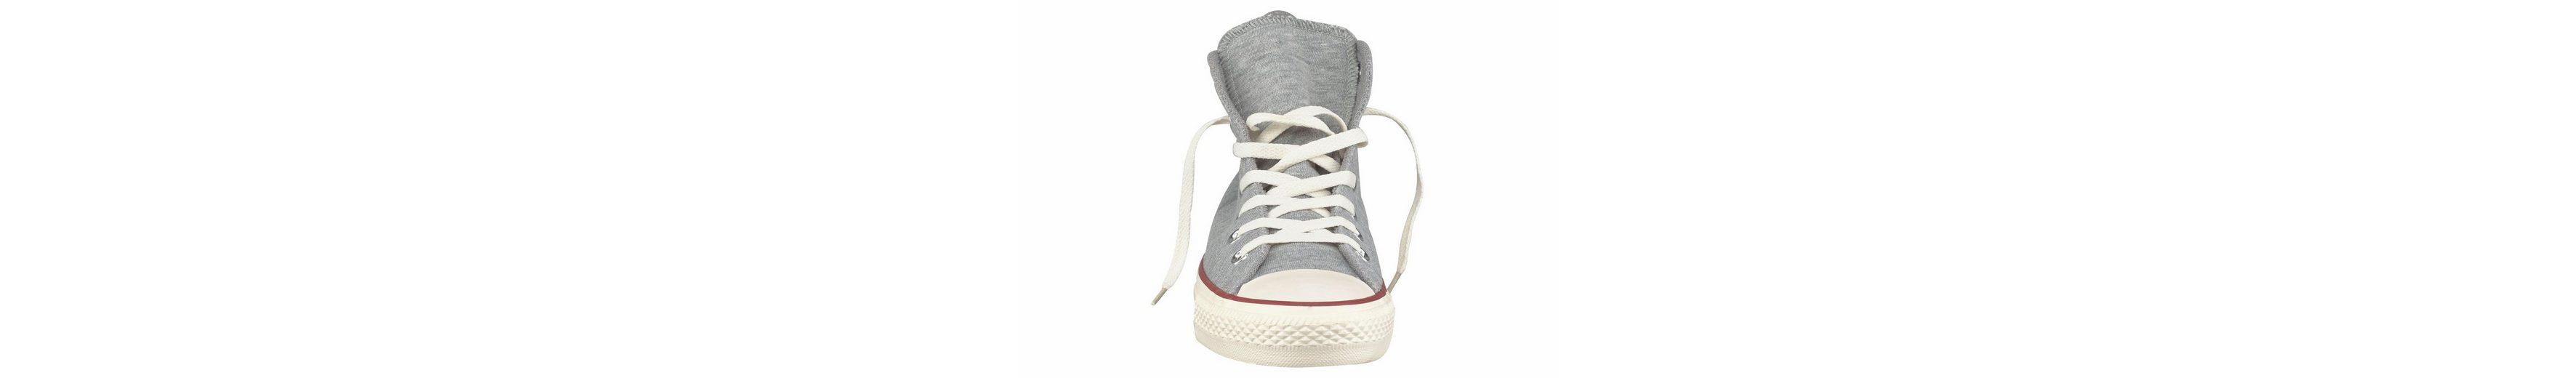 Converse Chuck Taylor All Star Hi Unisex Sneaker Freies Verschiffen Wählen Eine Beste XRIcR0b0s